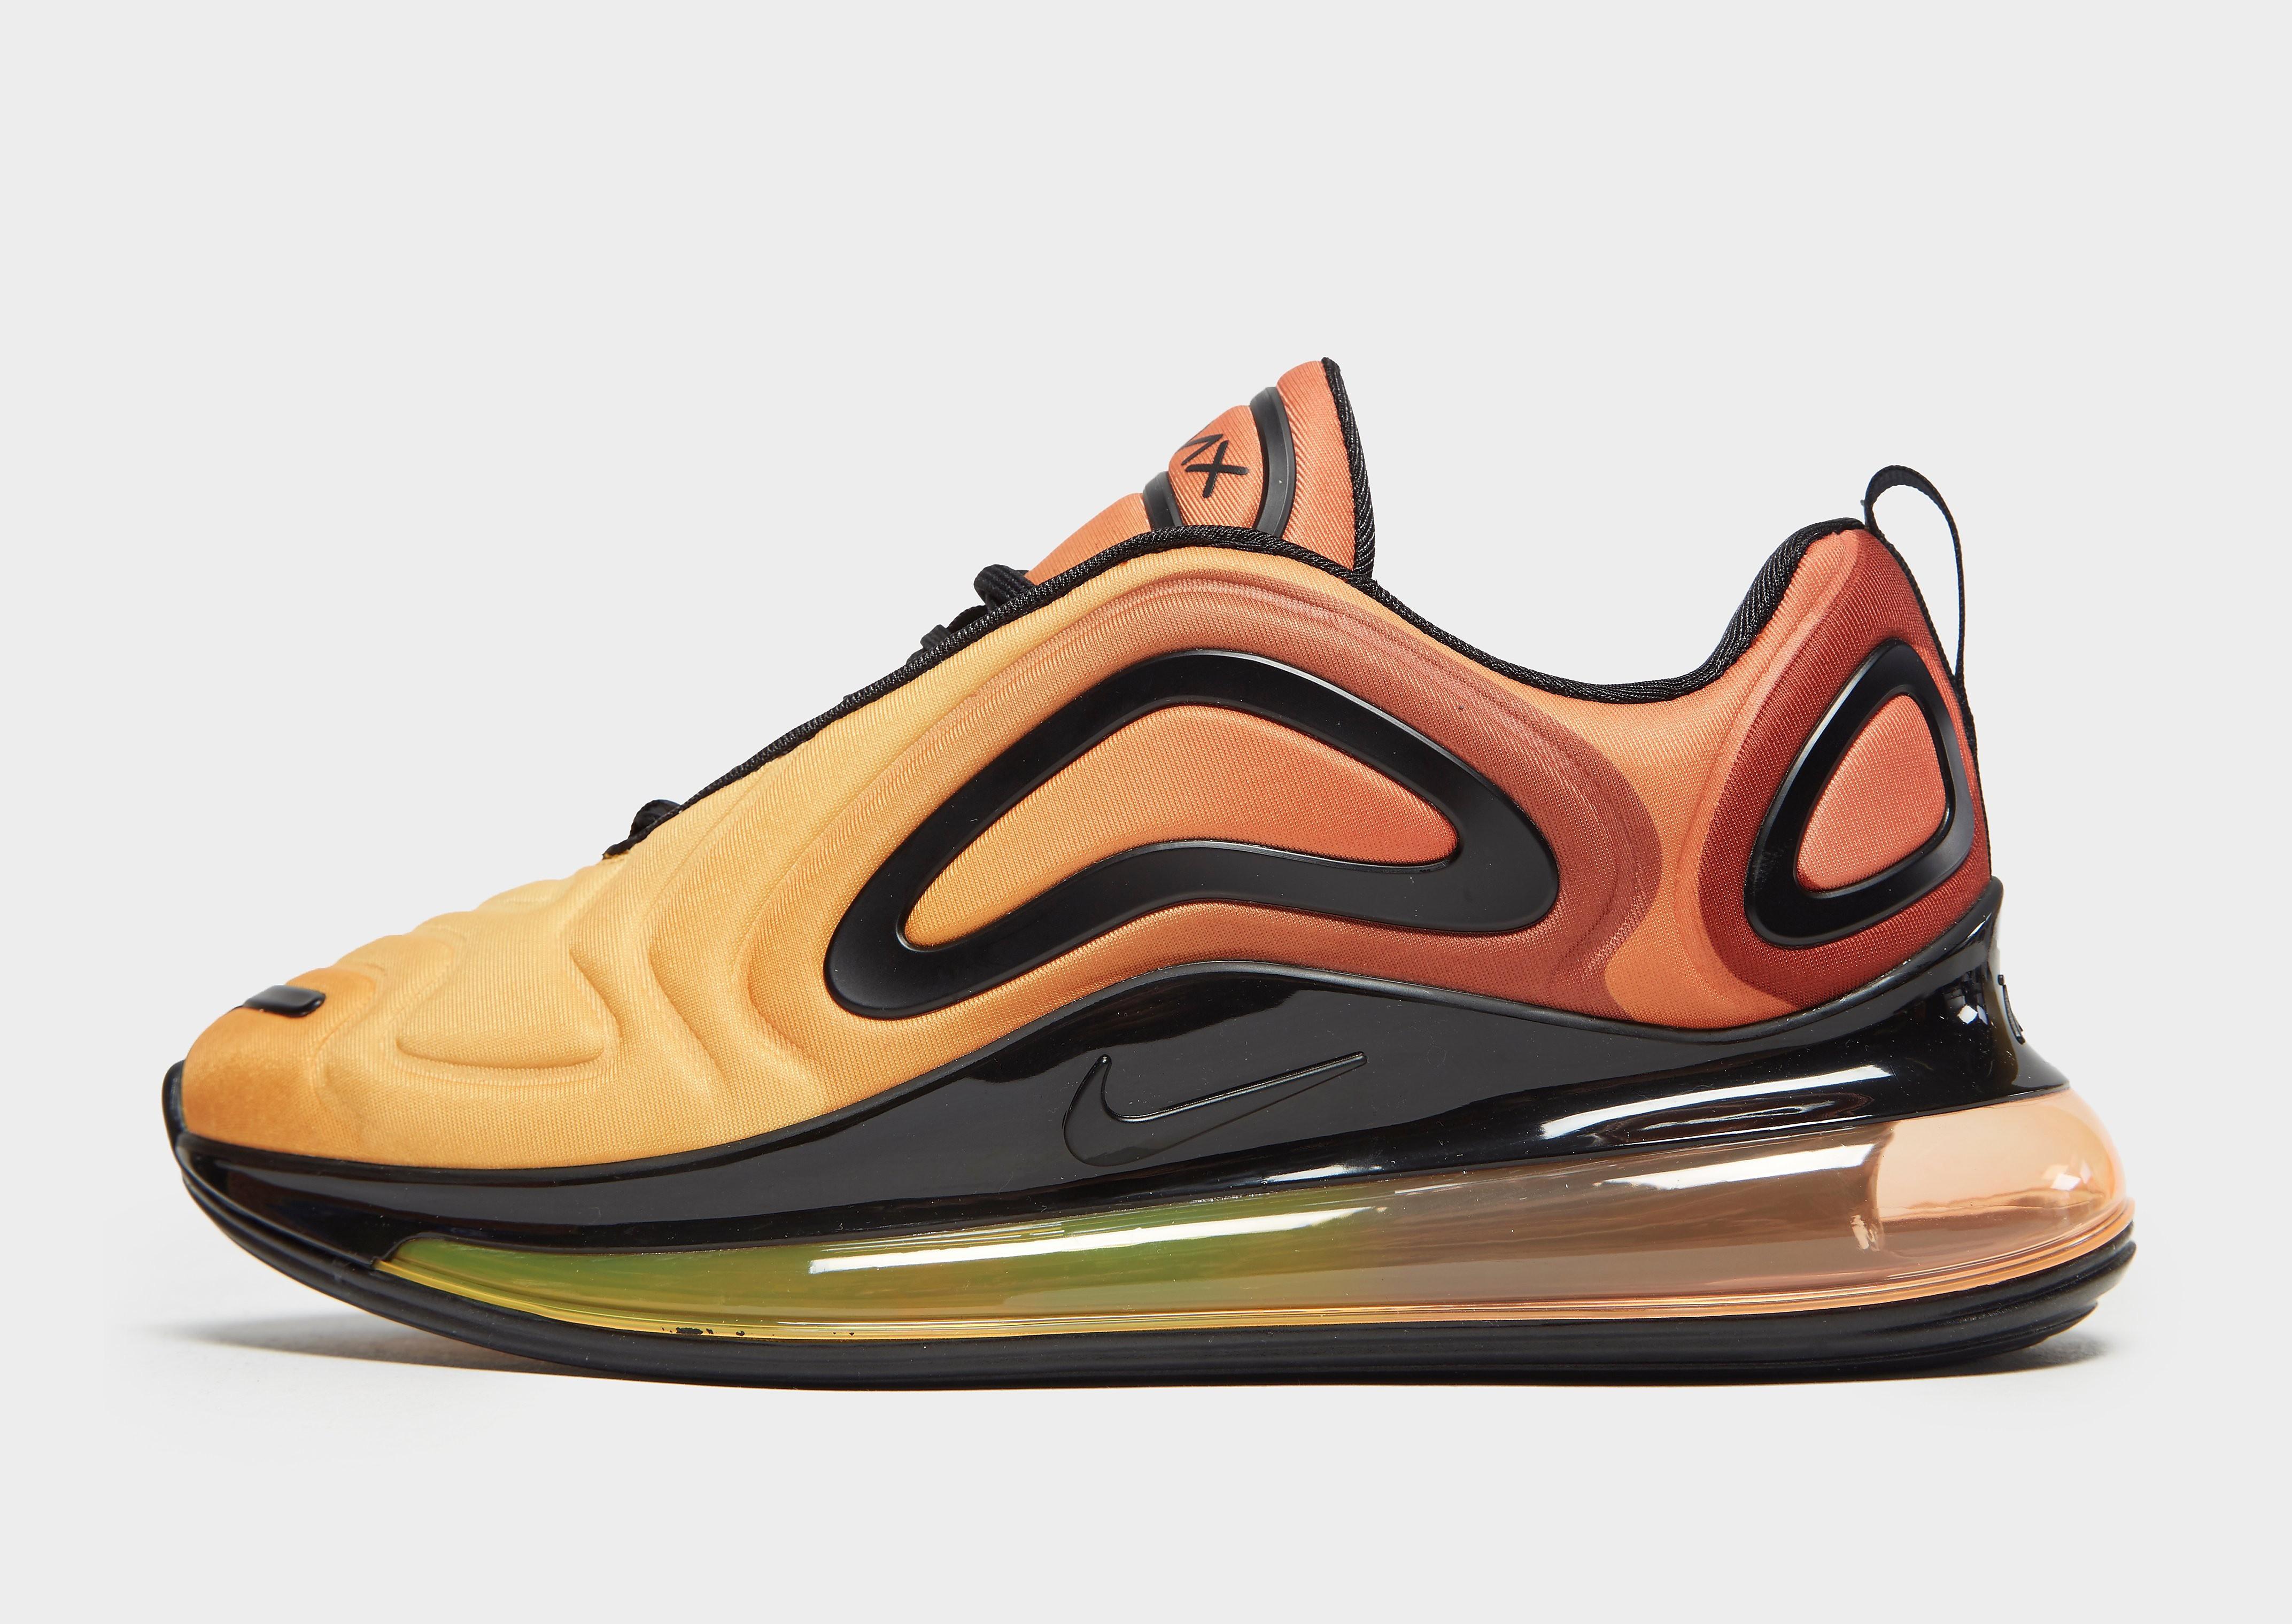 Nike Air Max 720 herensneaker oranje en zwart